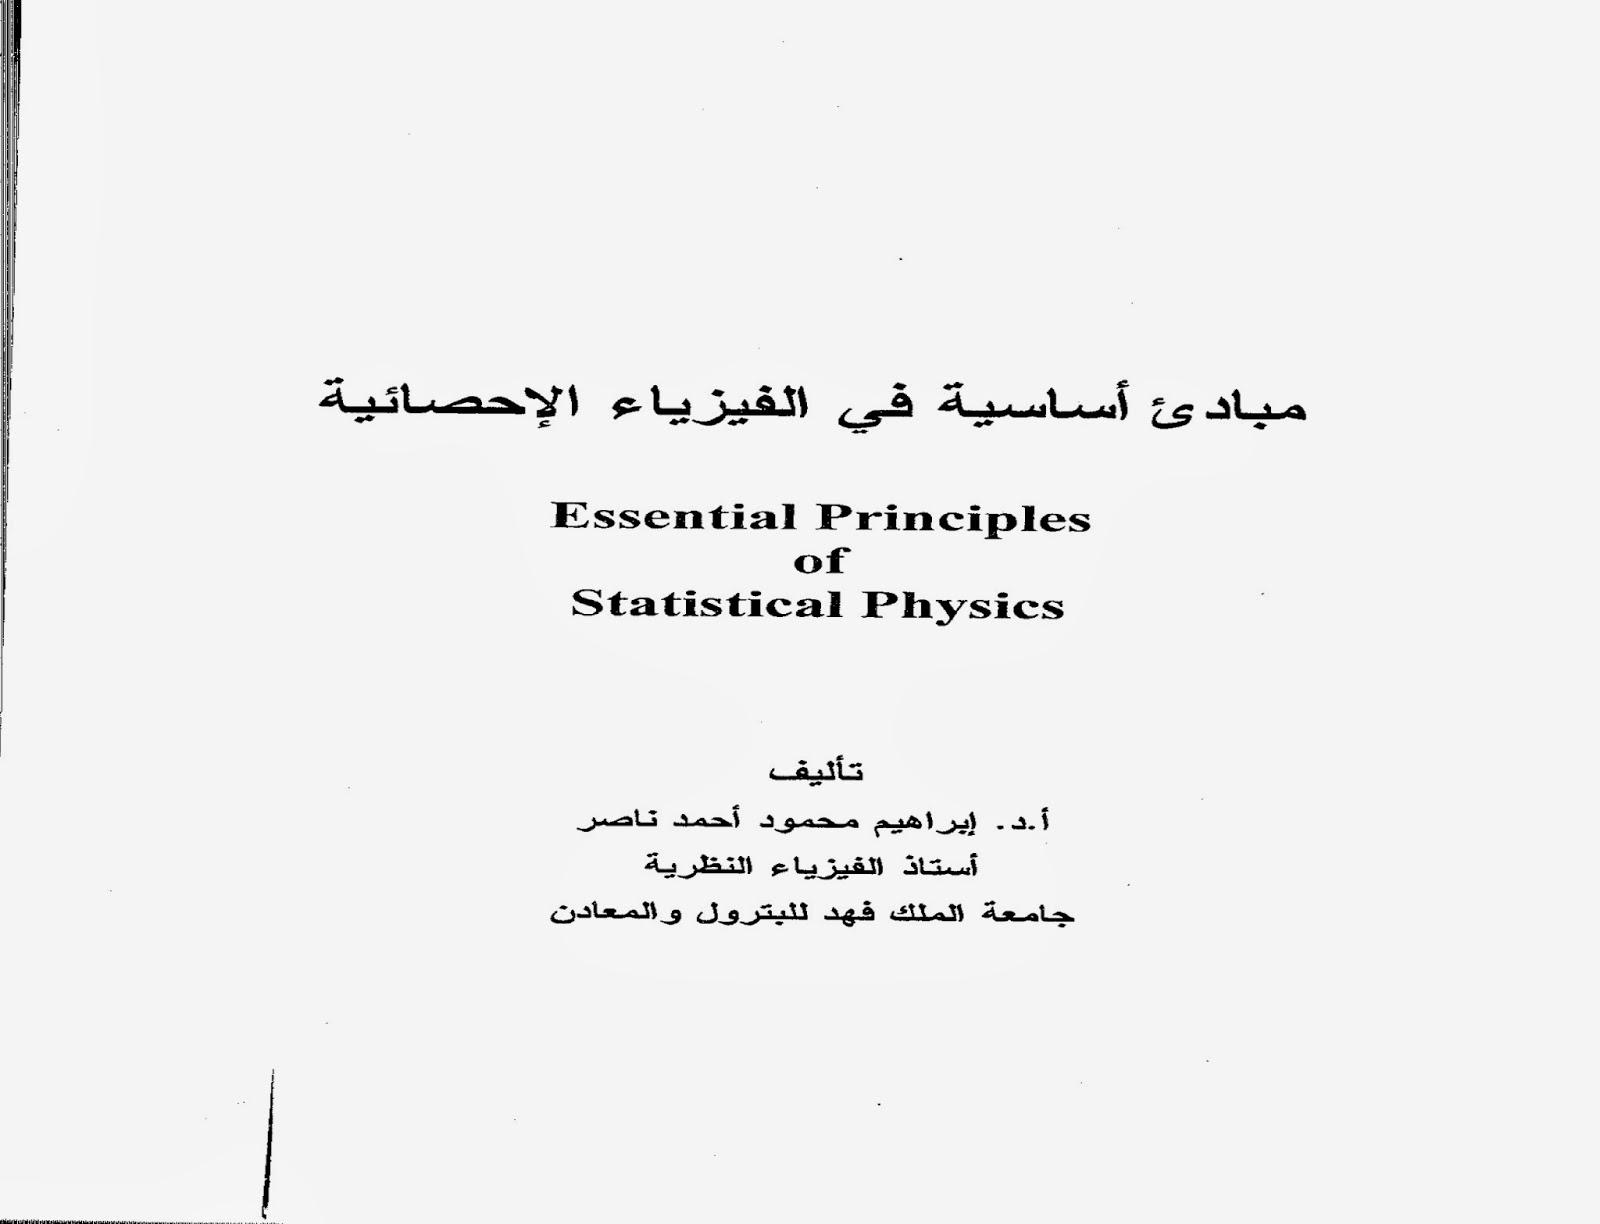 مبادئ أساسية في الفيزياء الإحصائية - ابراهيم محمود أحمد ناصر pdf